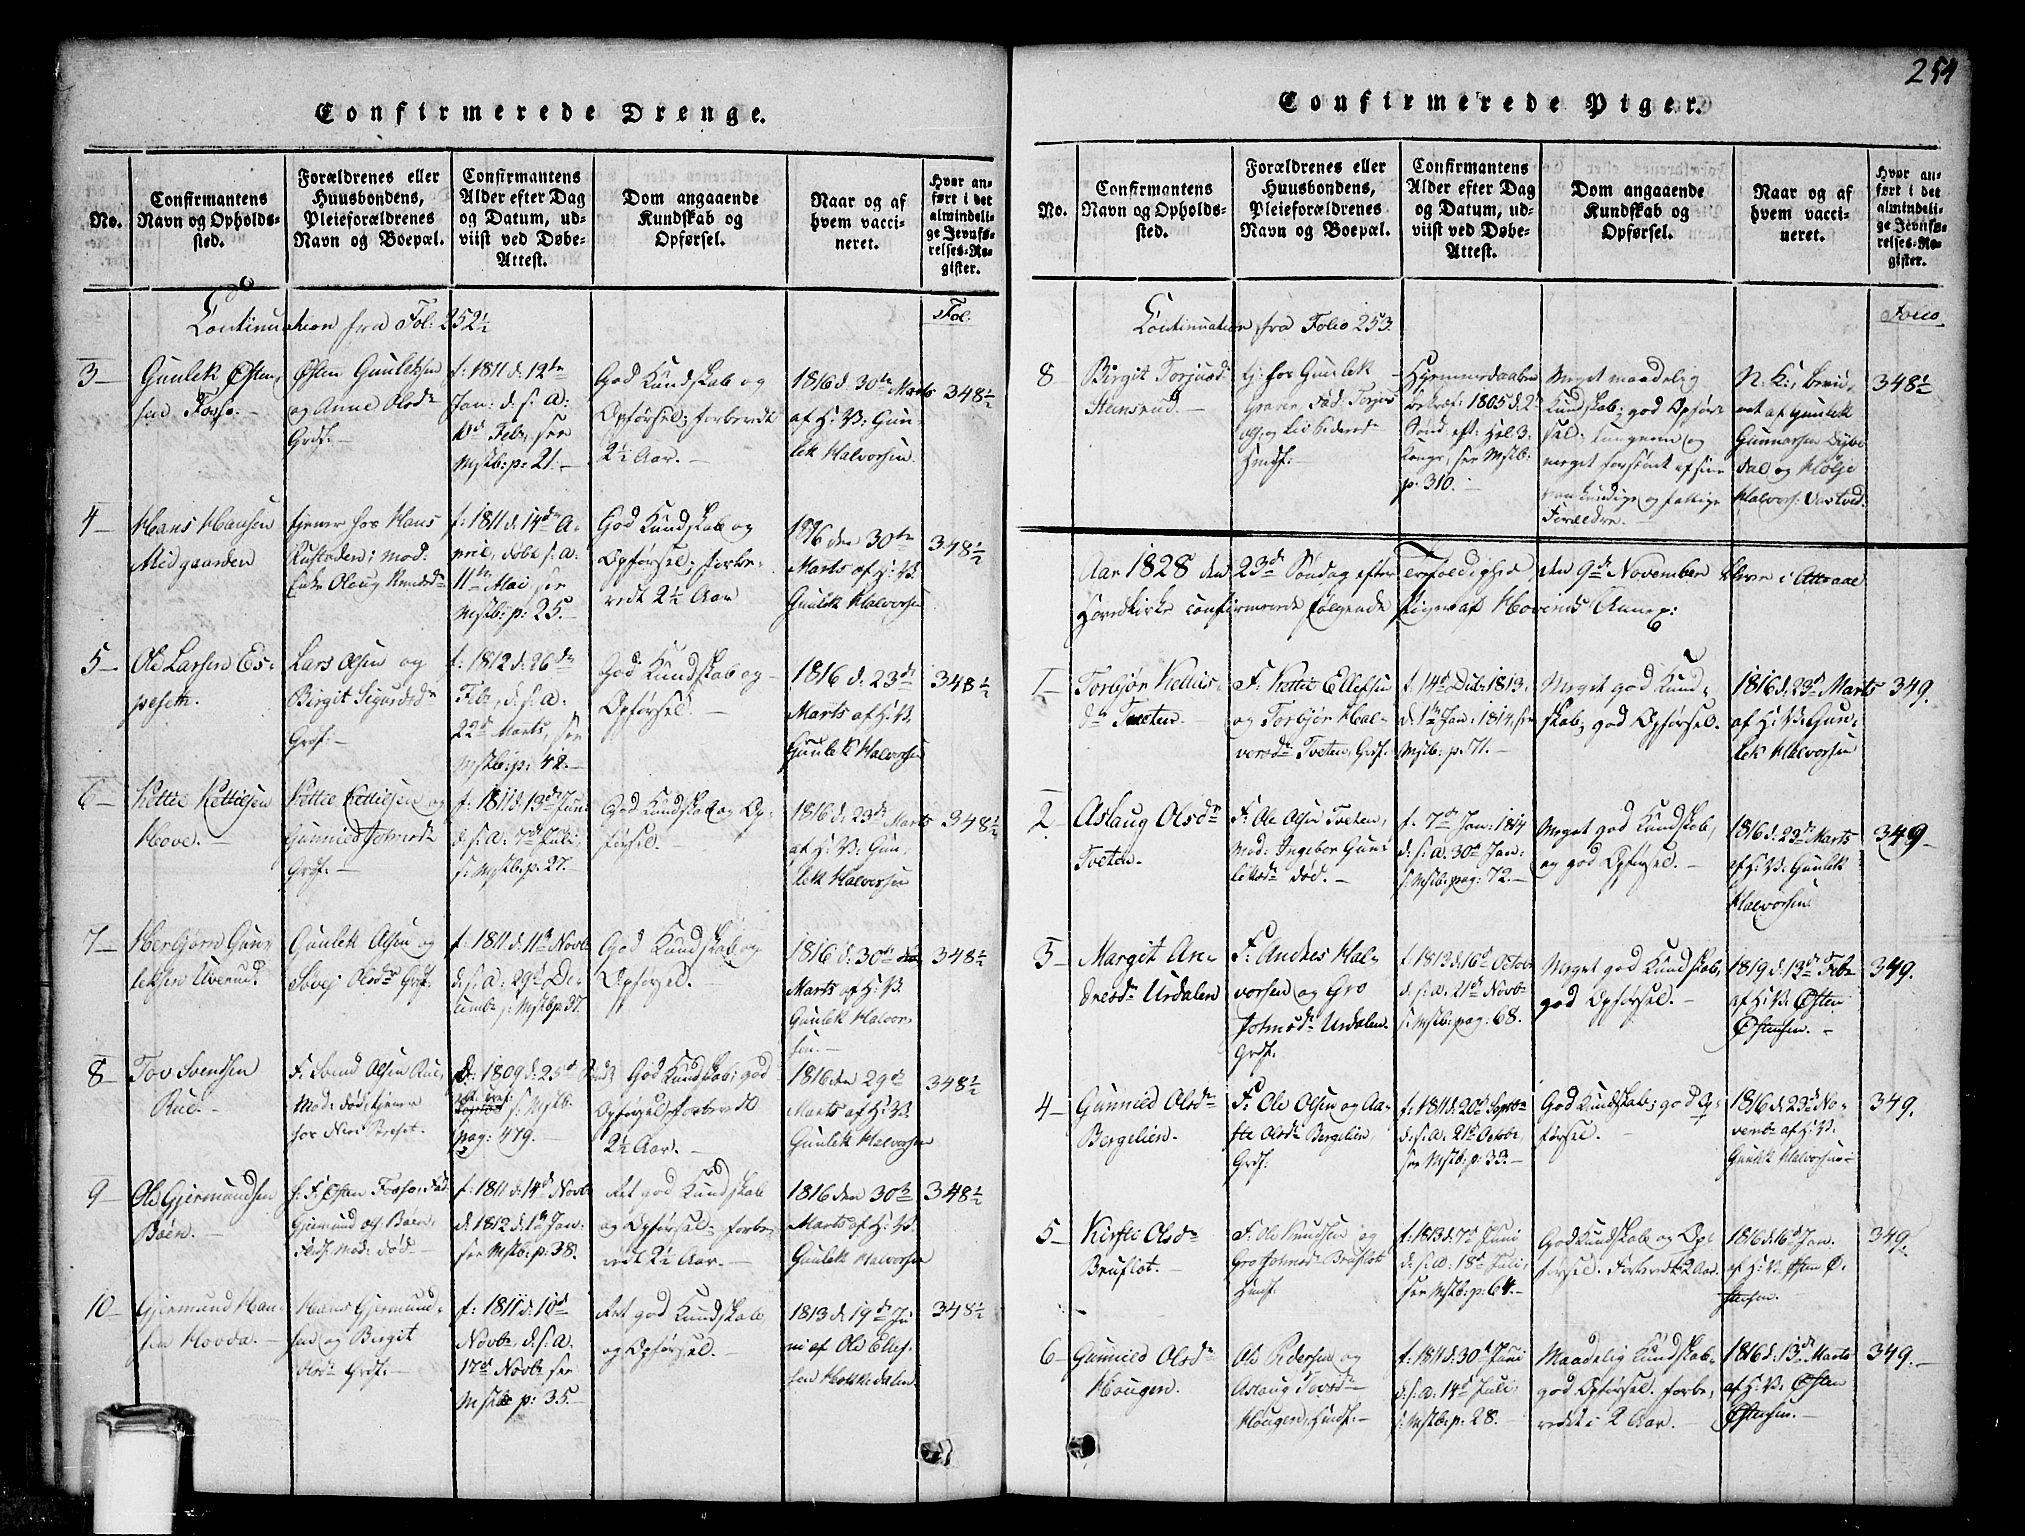 SAKO, Gransherad kirkebøker, G/Gb/L0001: Klokkerbok nr. II 1, 1815-1860, s. 254